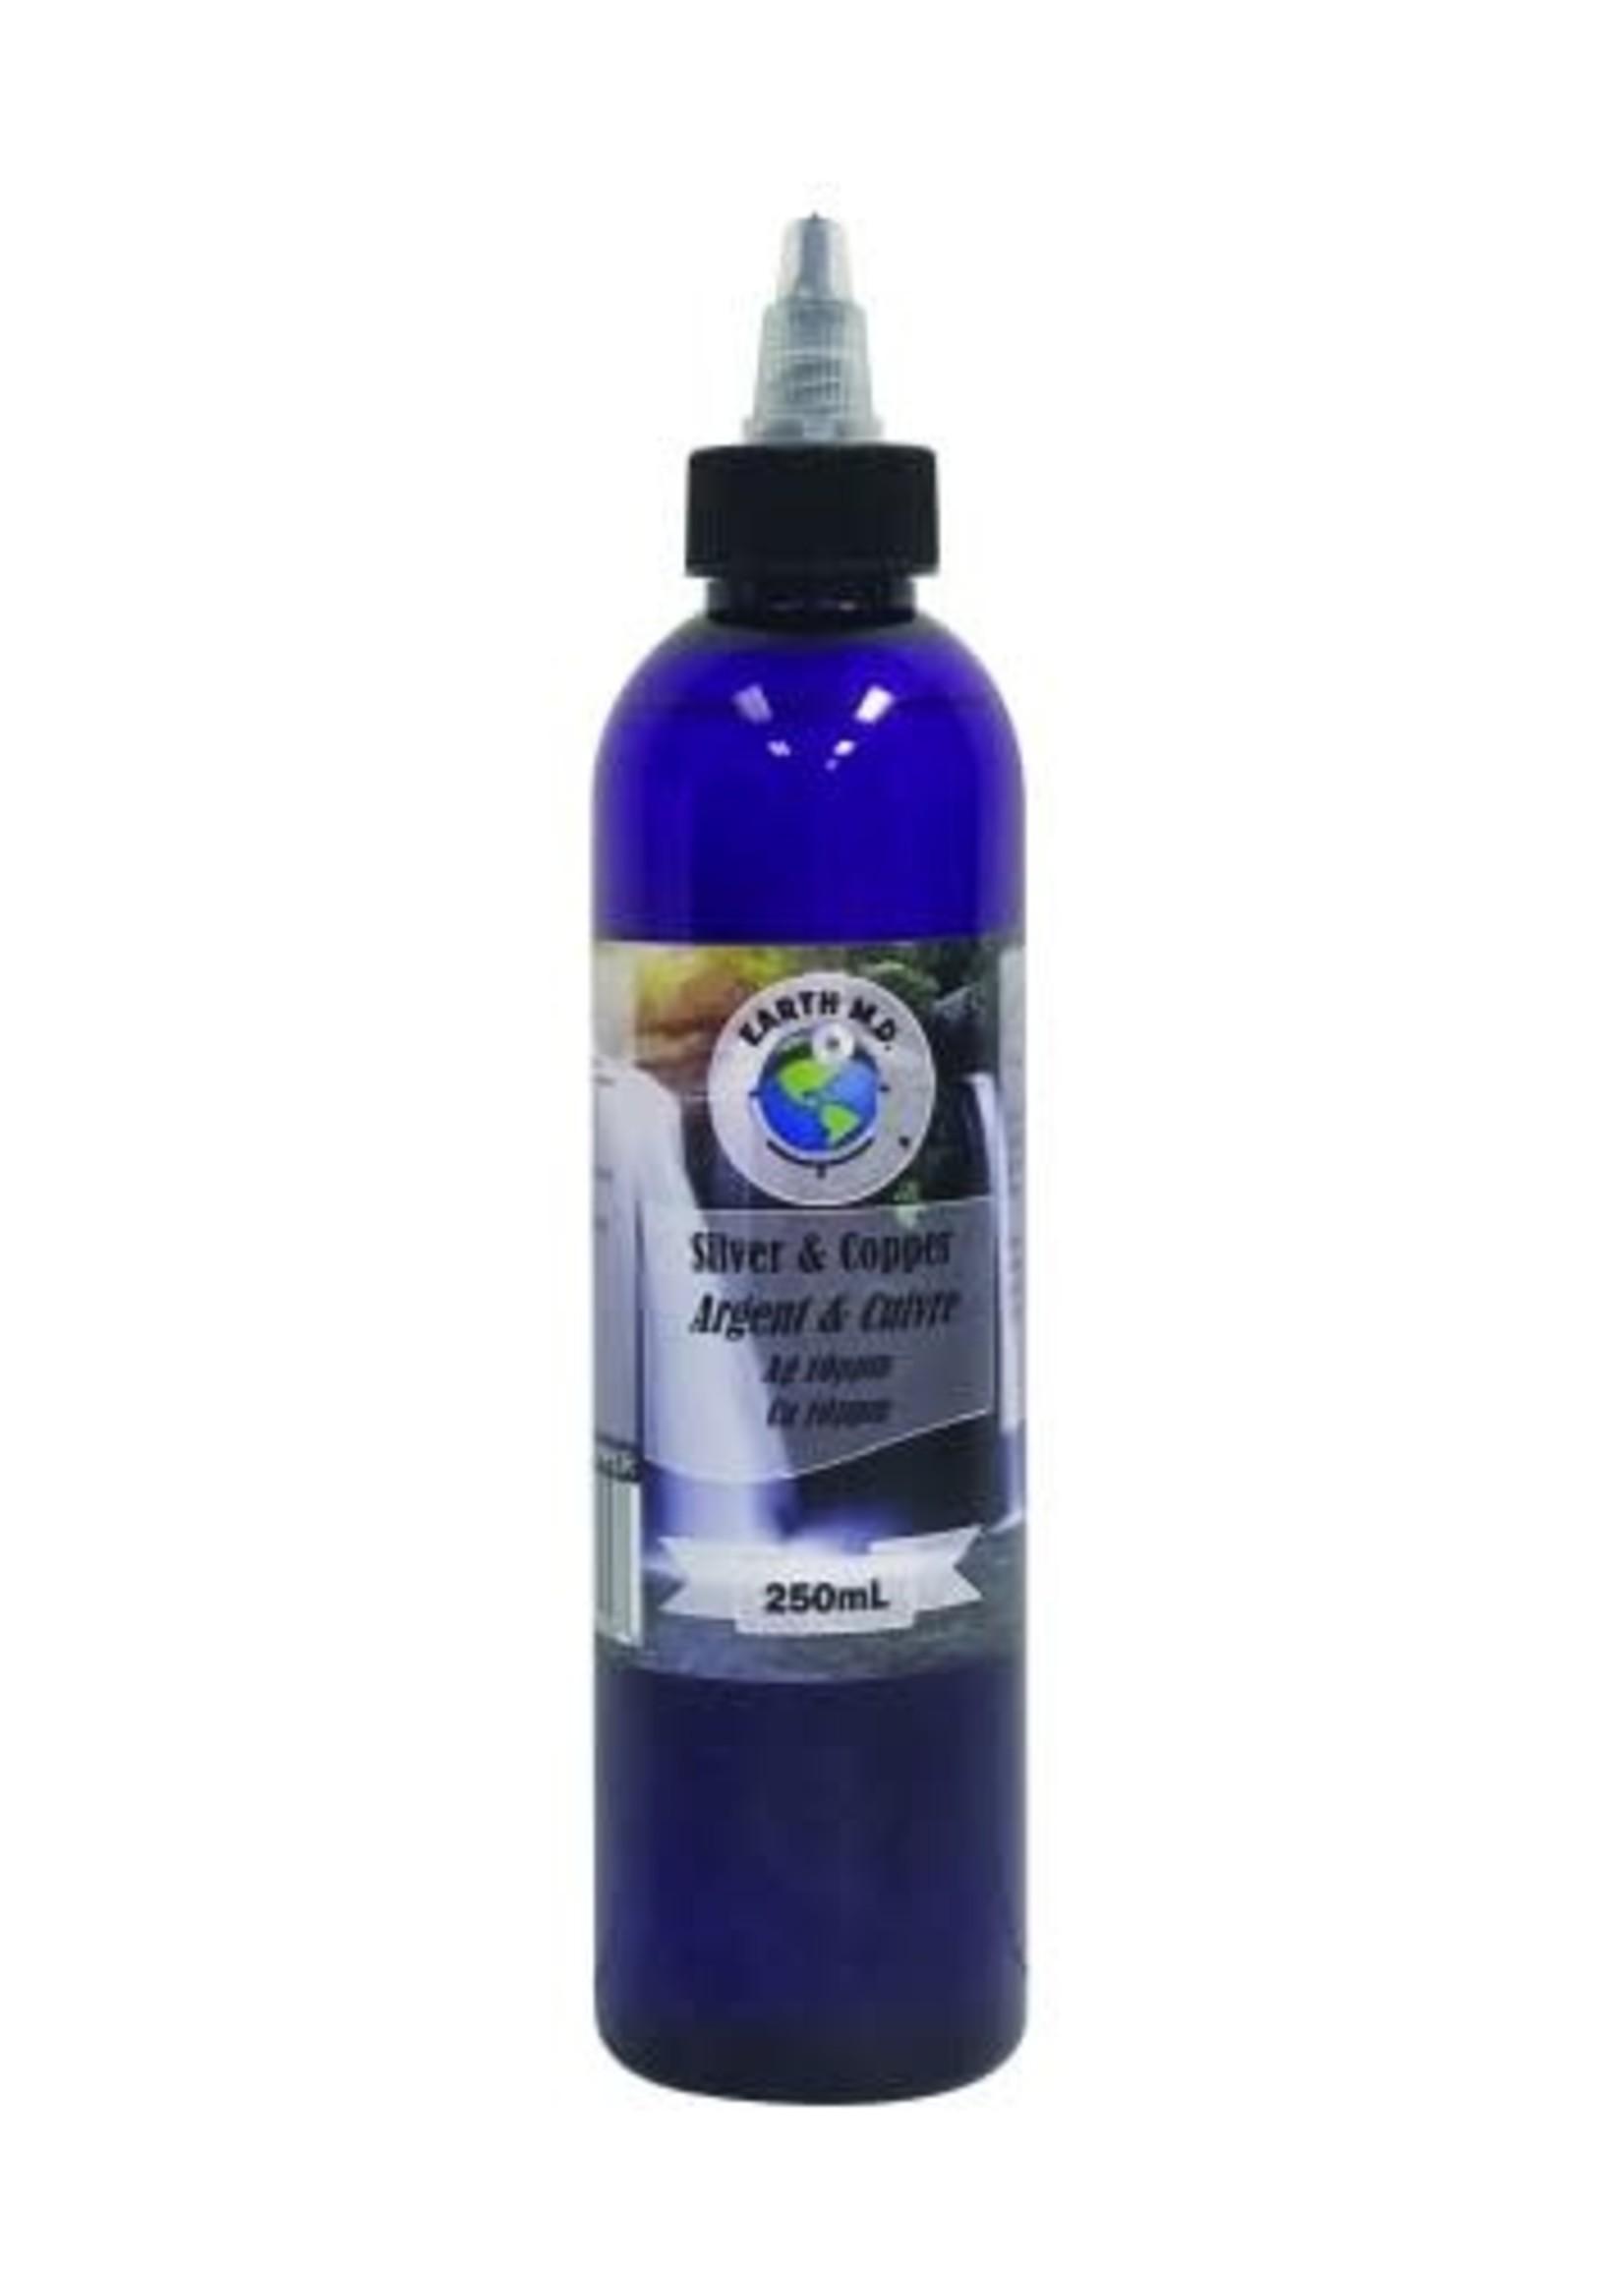 EarthMD EarthMD Colloidal Silver/Copper Spray 250mL